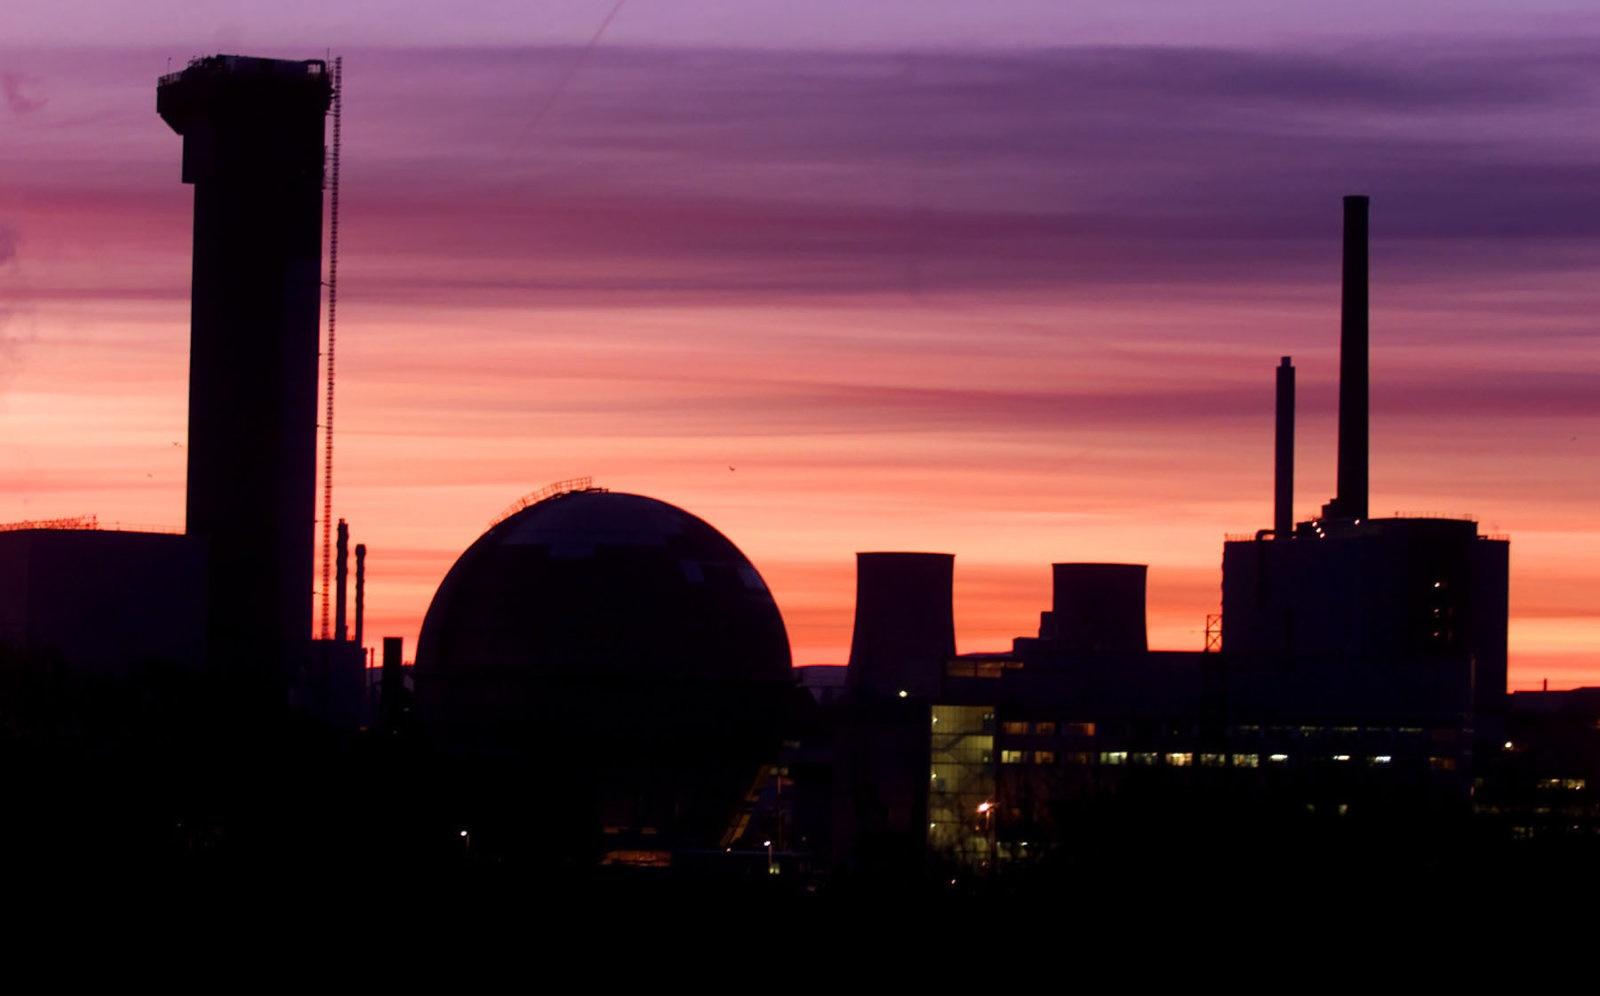 خاموش کردن کارخانه تولید انرژی در خاورمیانه توسط هکرهای دولتی-غربی